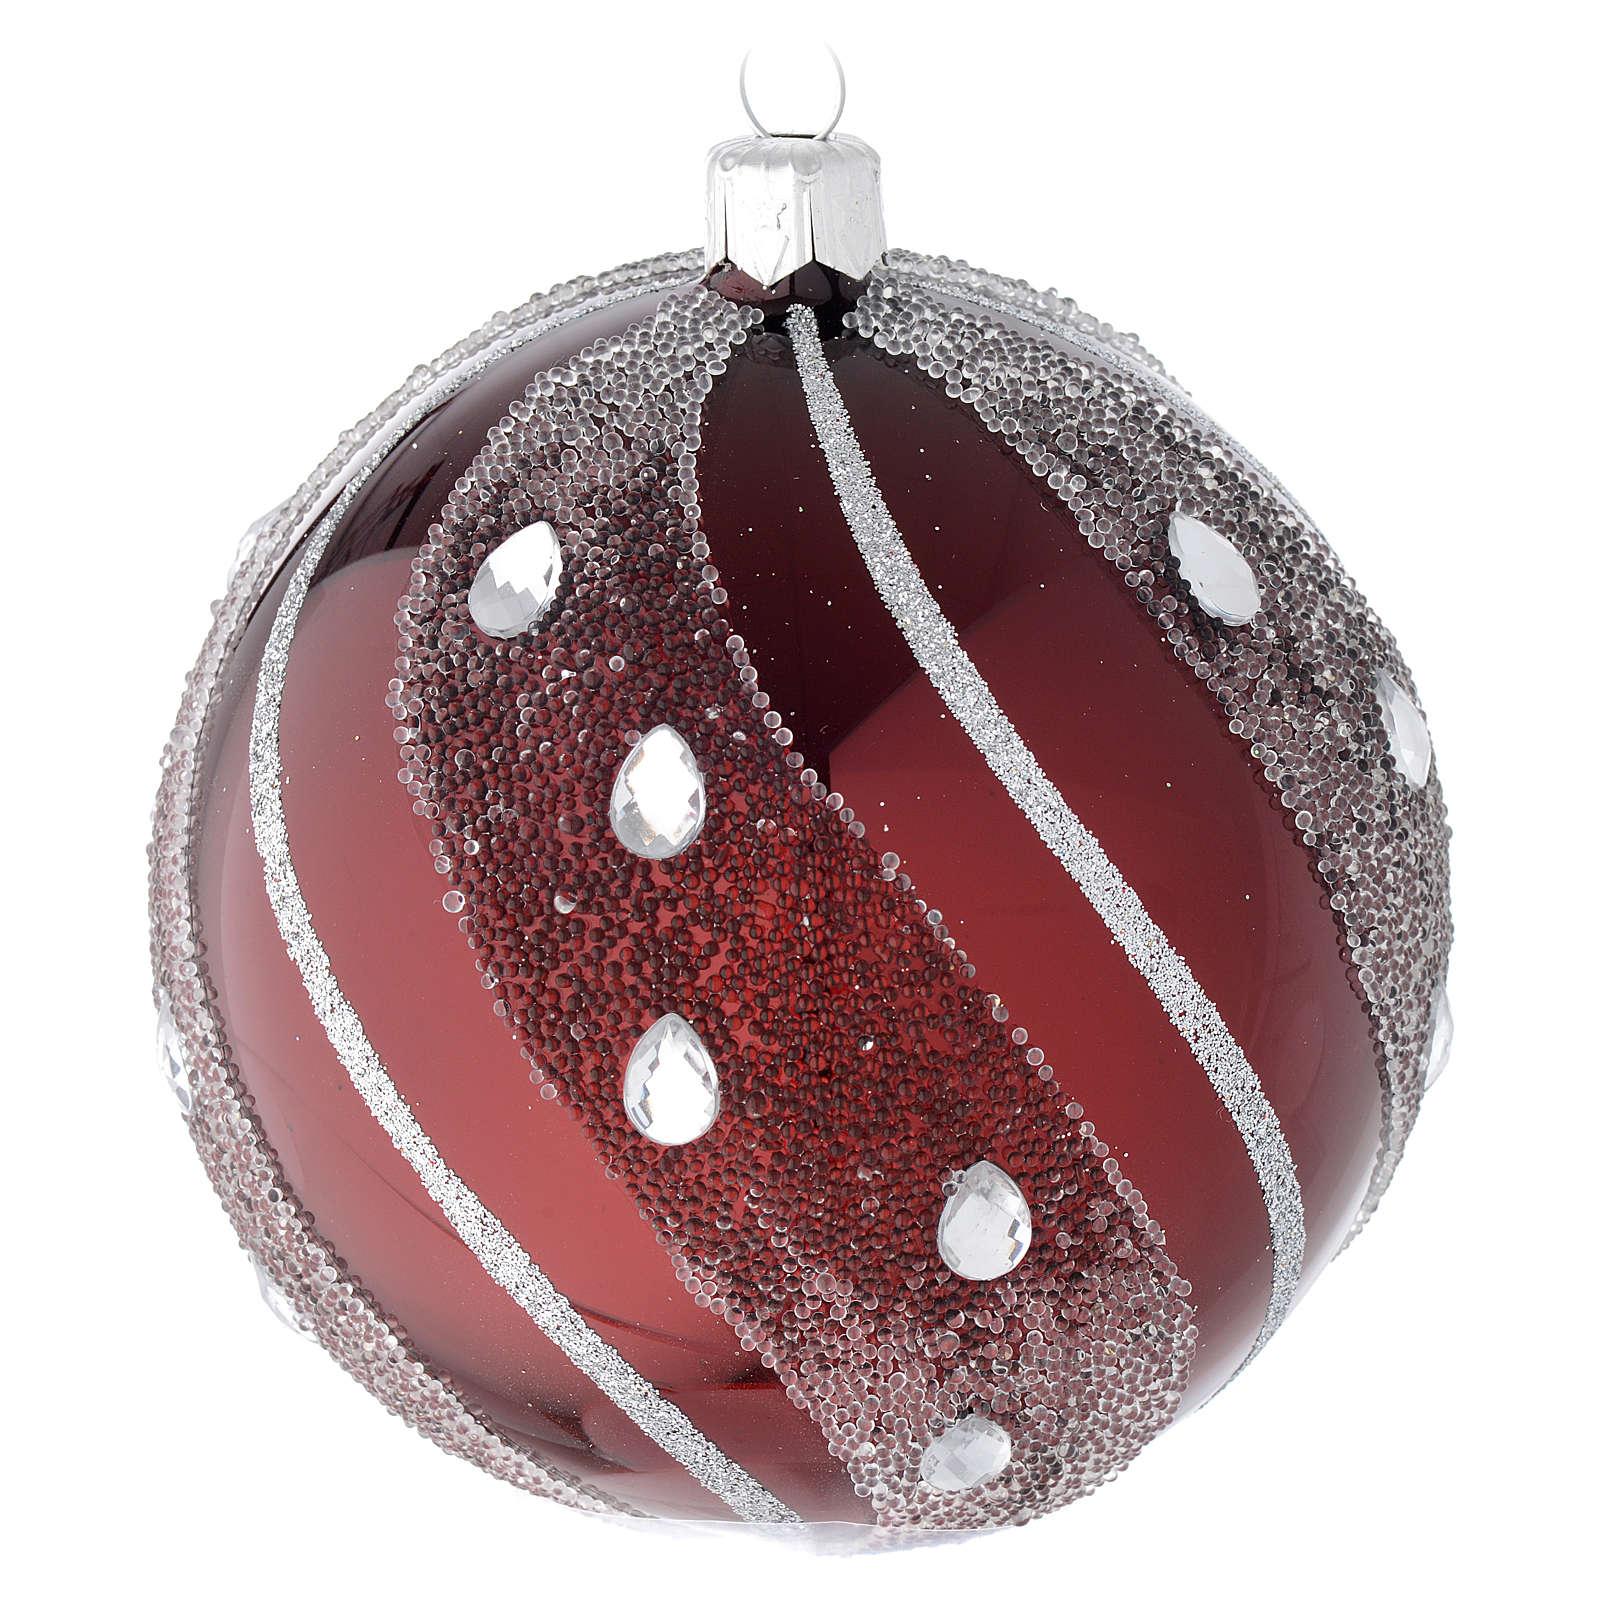 Bombka bożonarodzeniowa szkło bordowe/ srebrne 100mm 4